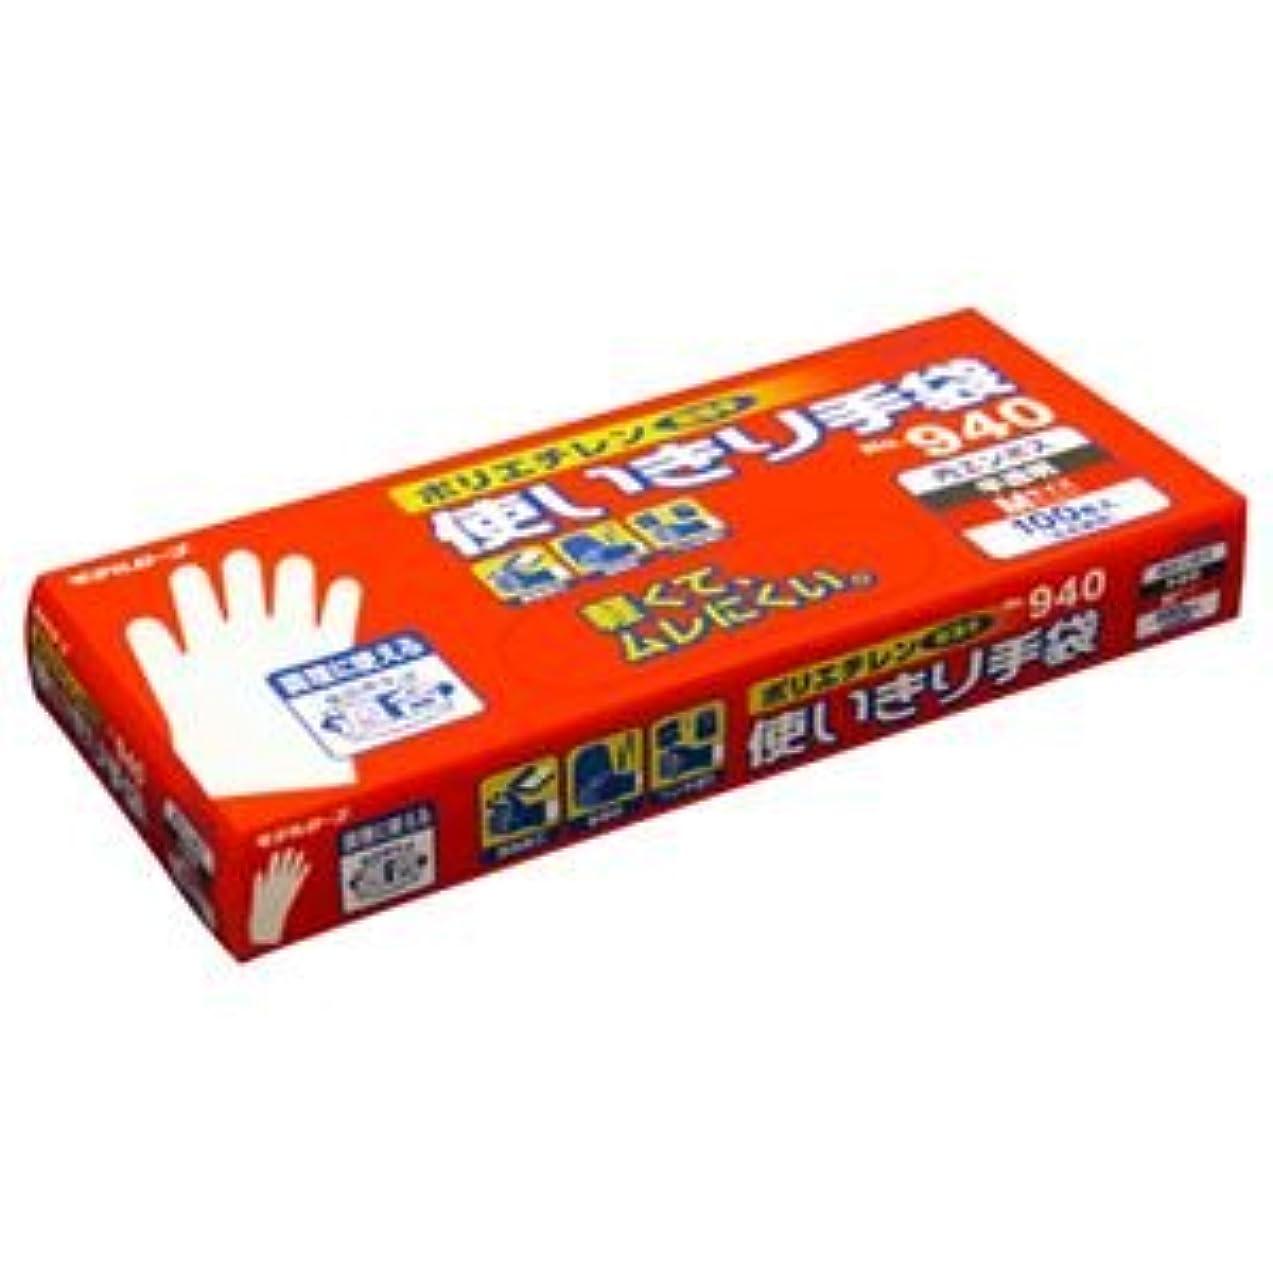 国振るそっと(まとめ) エステー No.940 ポリエチレン使いきり手袋(内エンボス) M 1箱(100枚) 【×10セット】 [簡易パッケージ品]